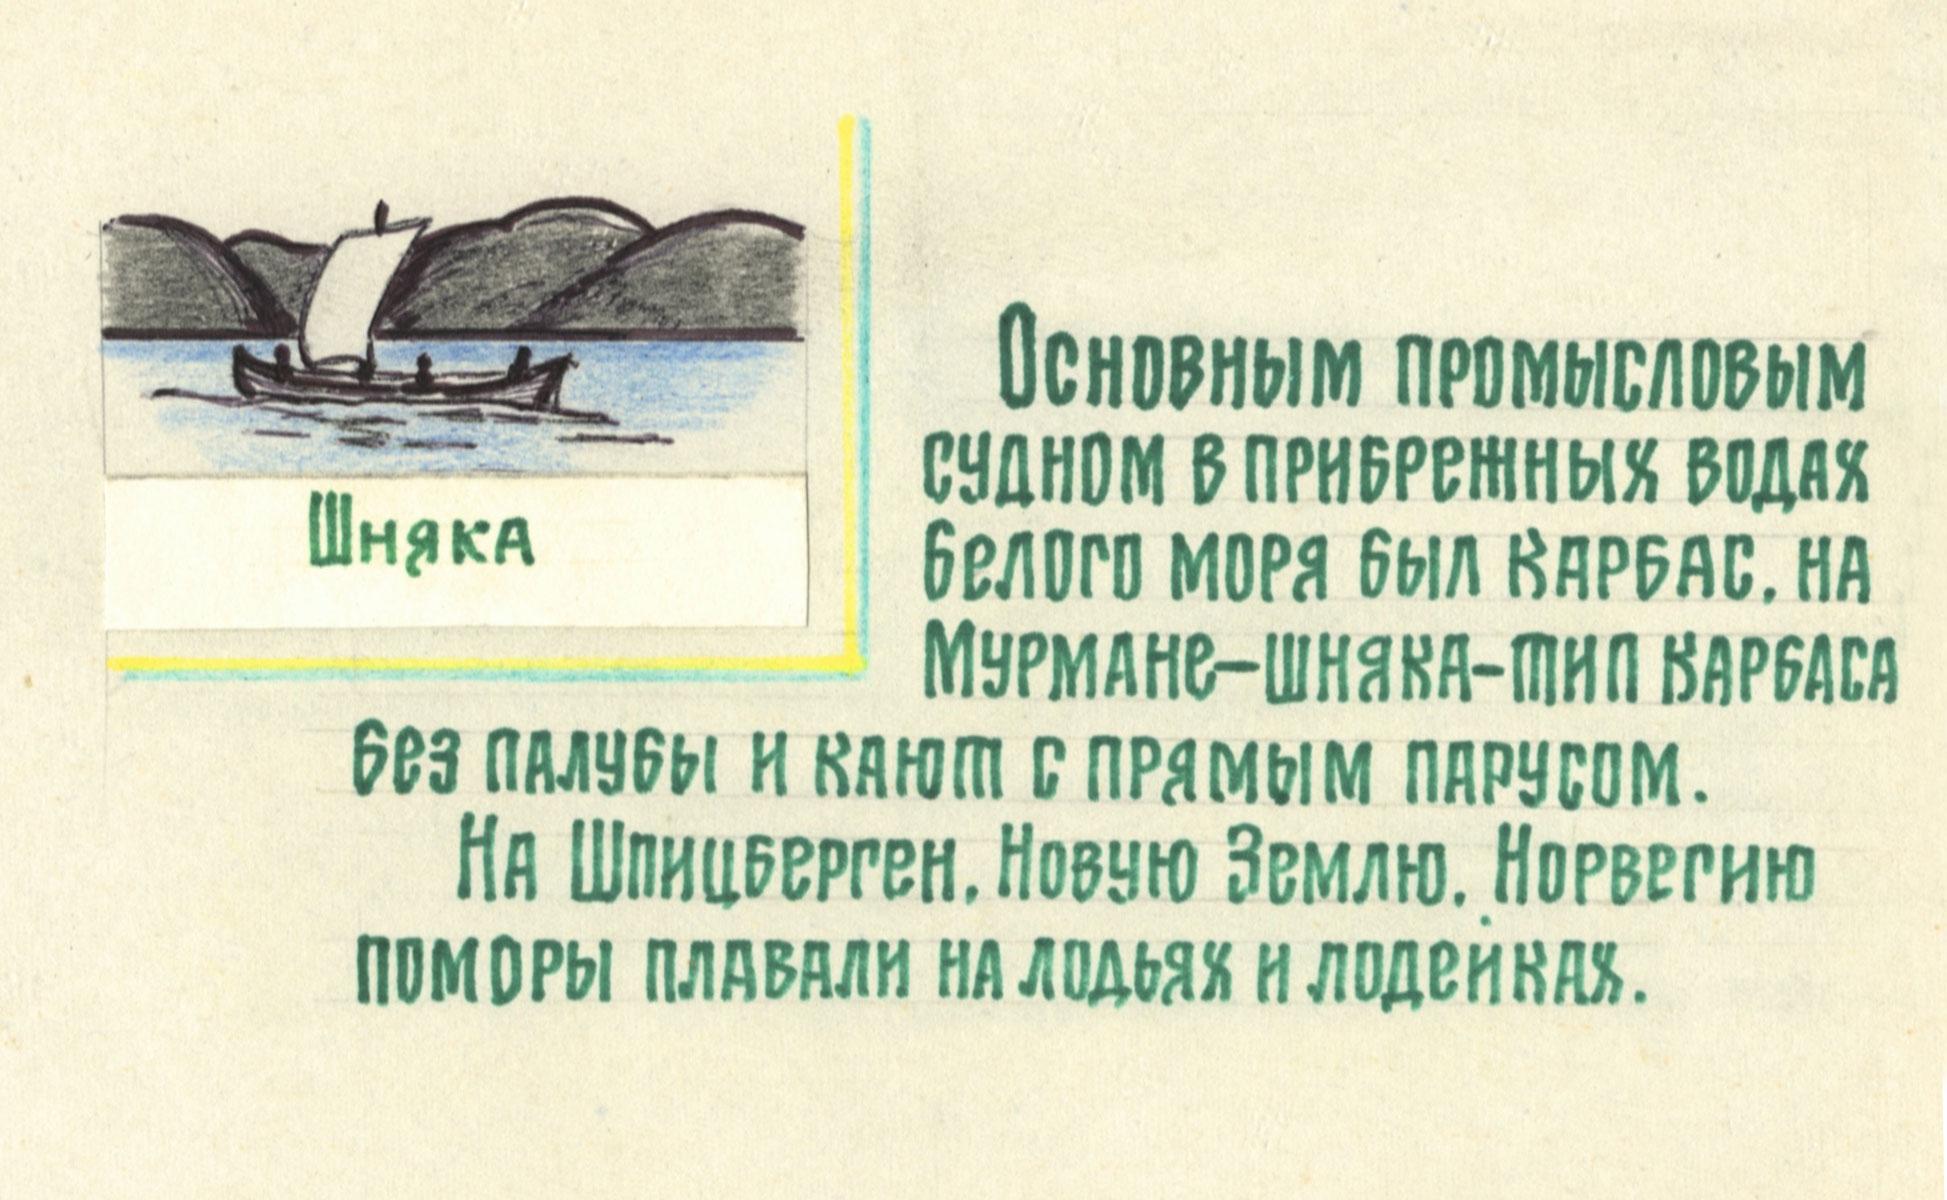 гдз по нормам русскому языку карпова баженова